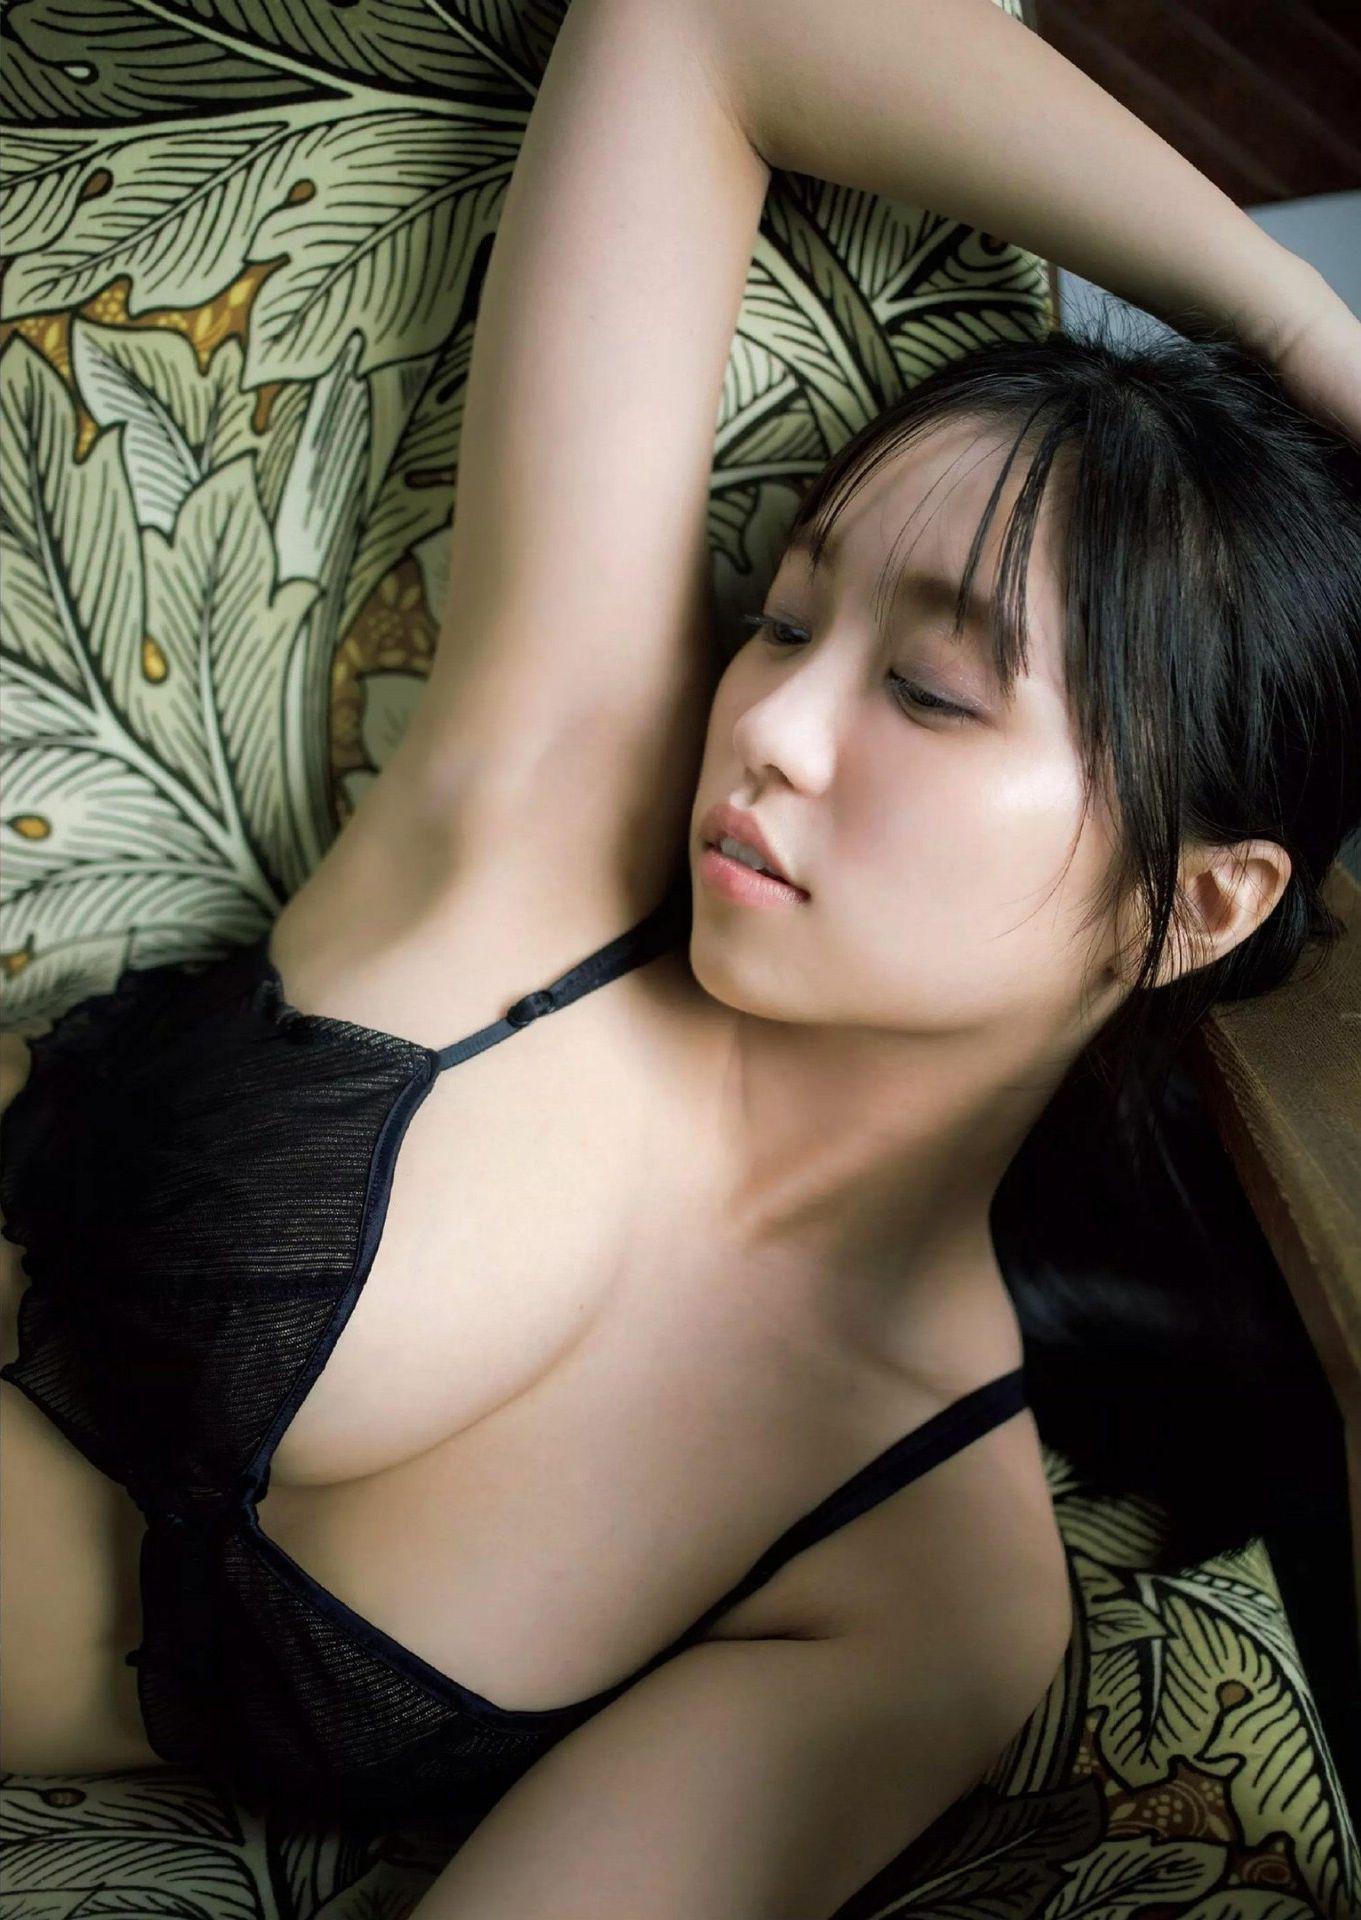 Weekly Playboy 2020-43_imgs-0006_1